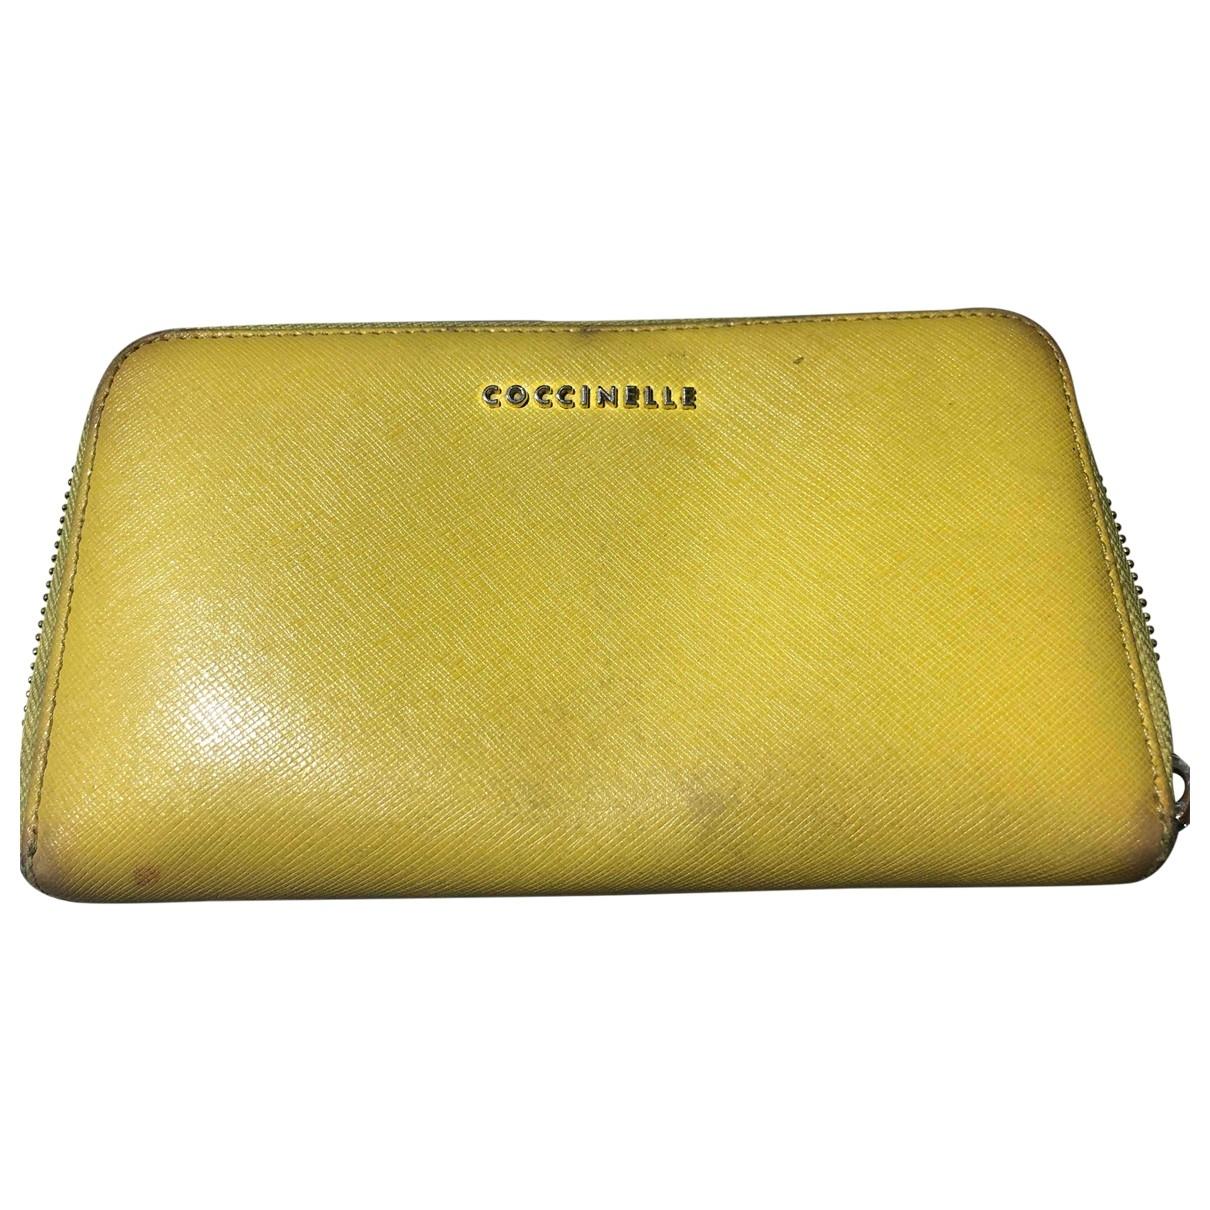 Coccinelle - Portefeuille   pour femme en cuir - jaune